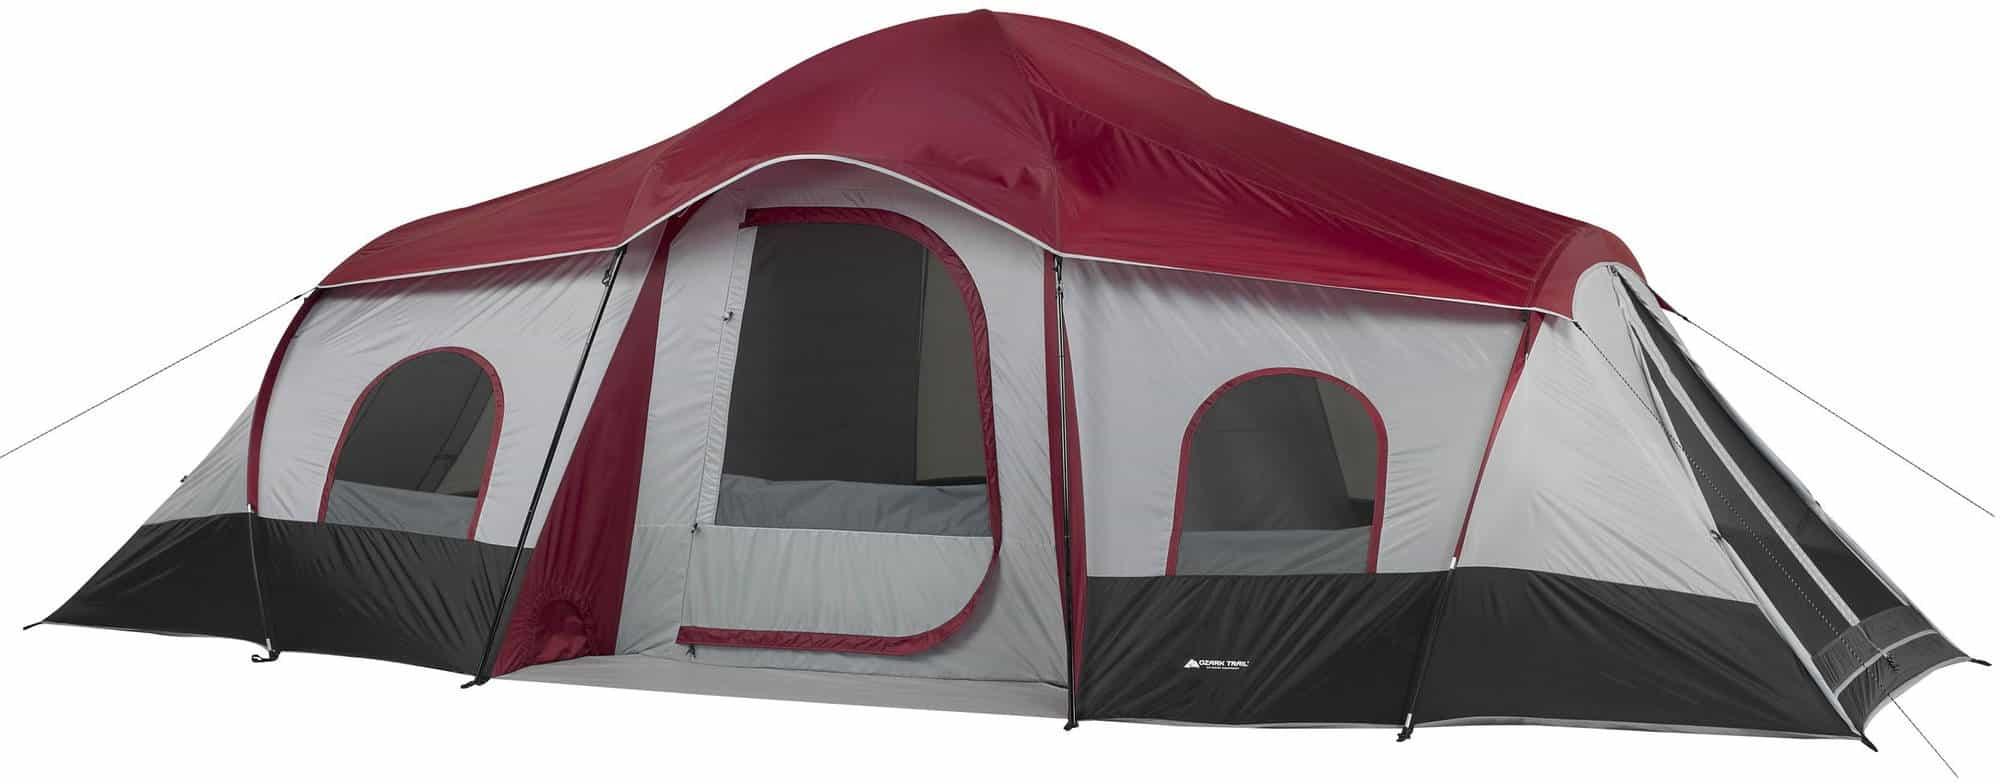 Ozark Trail 10-Person 3-Rppm Family Cabin Tent